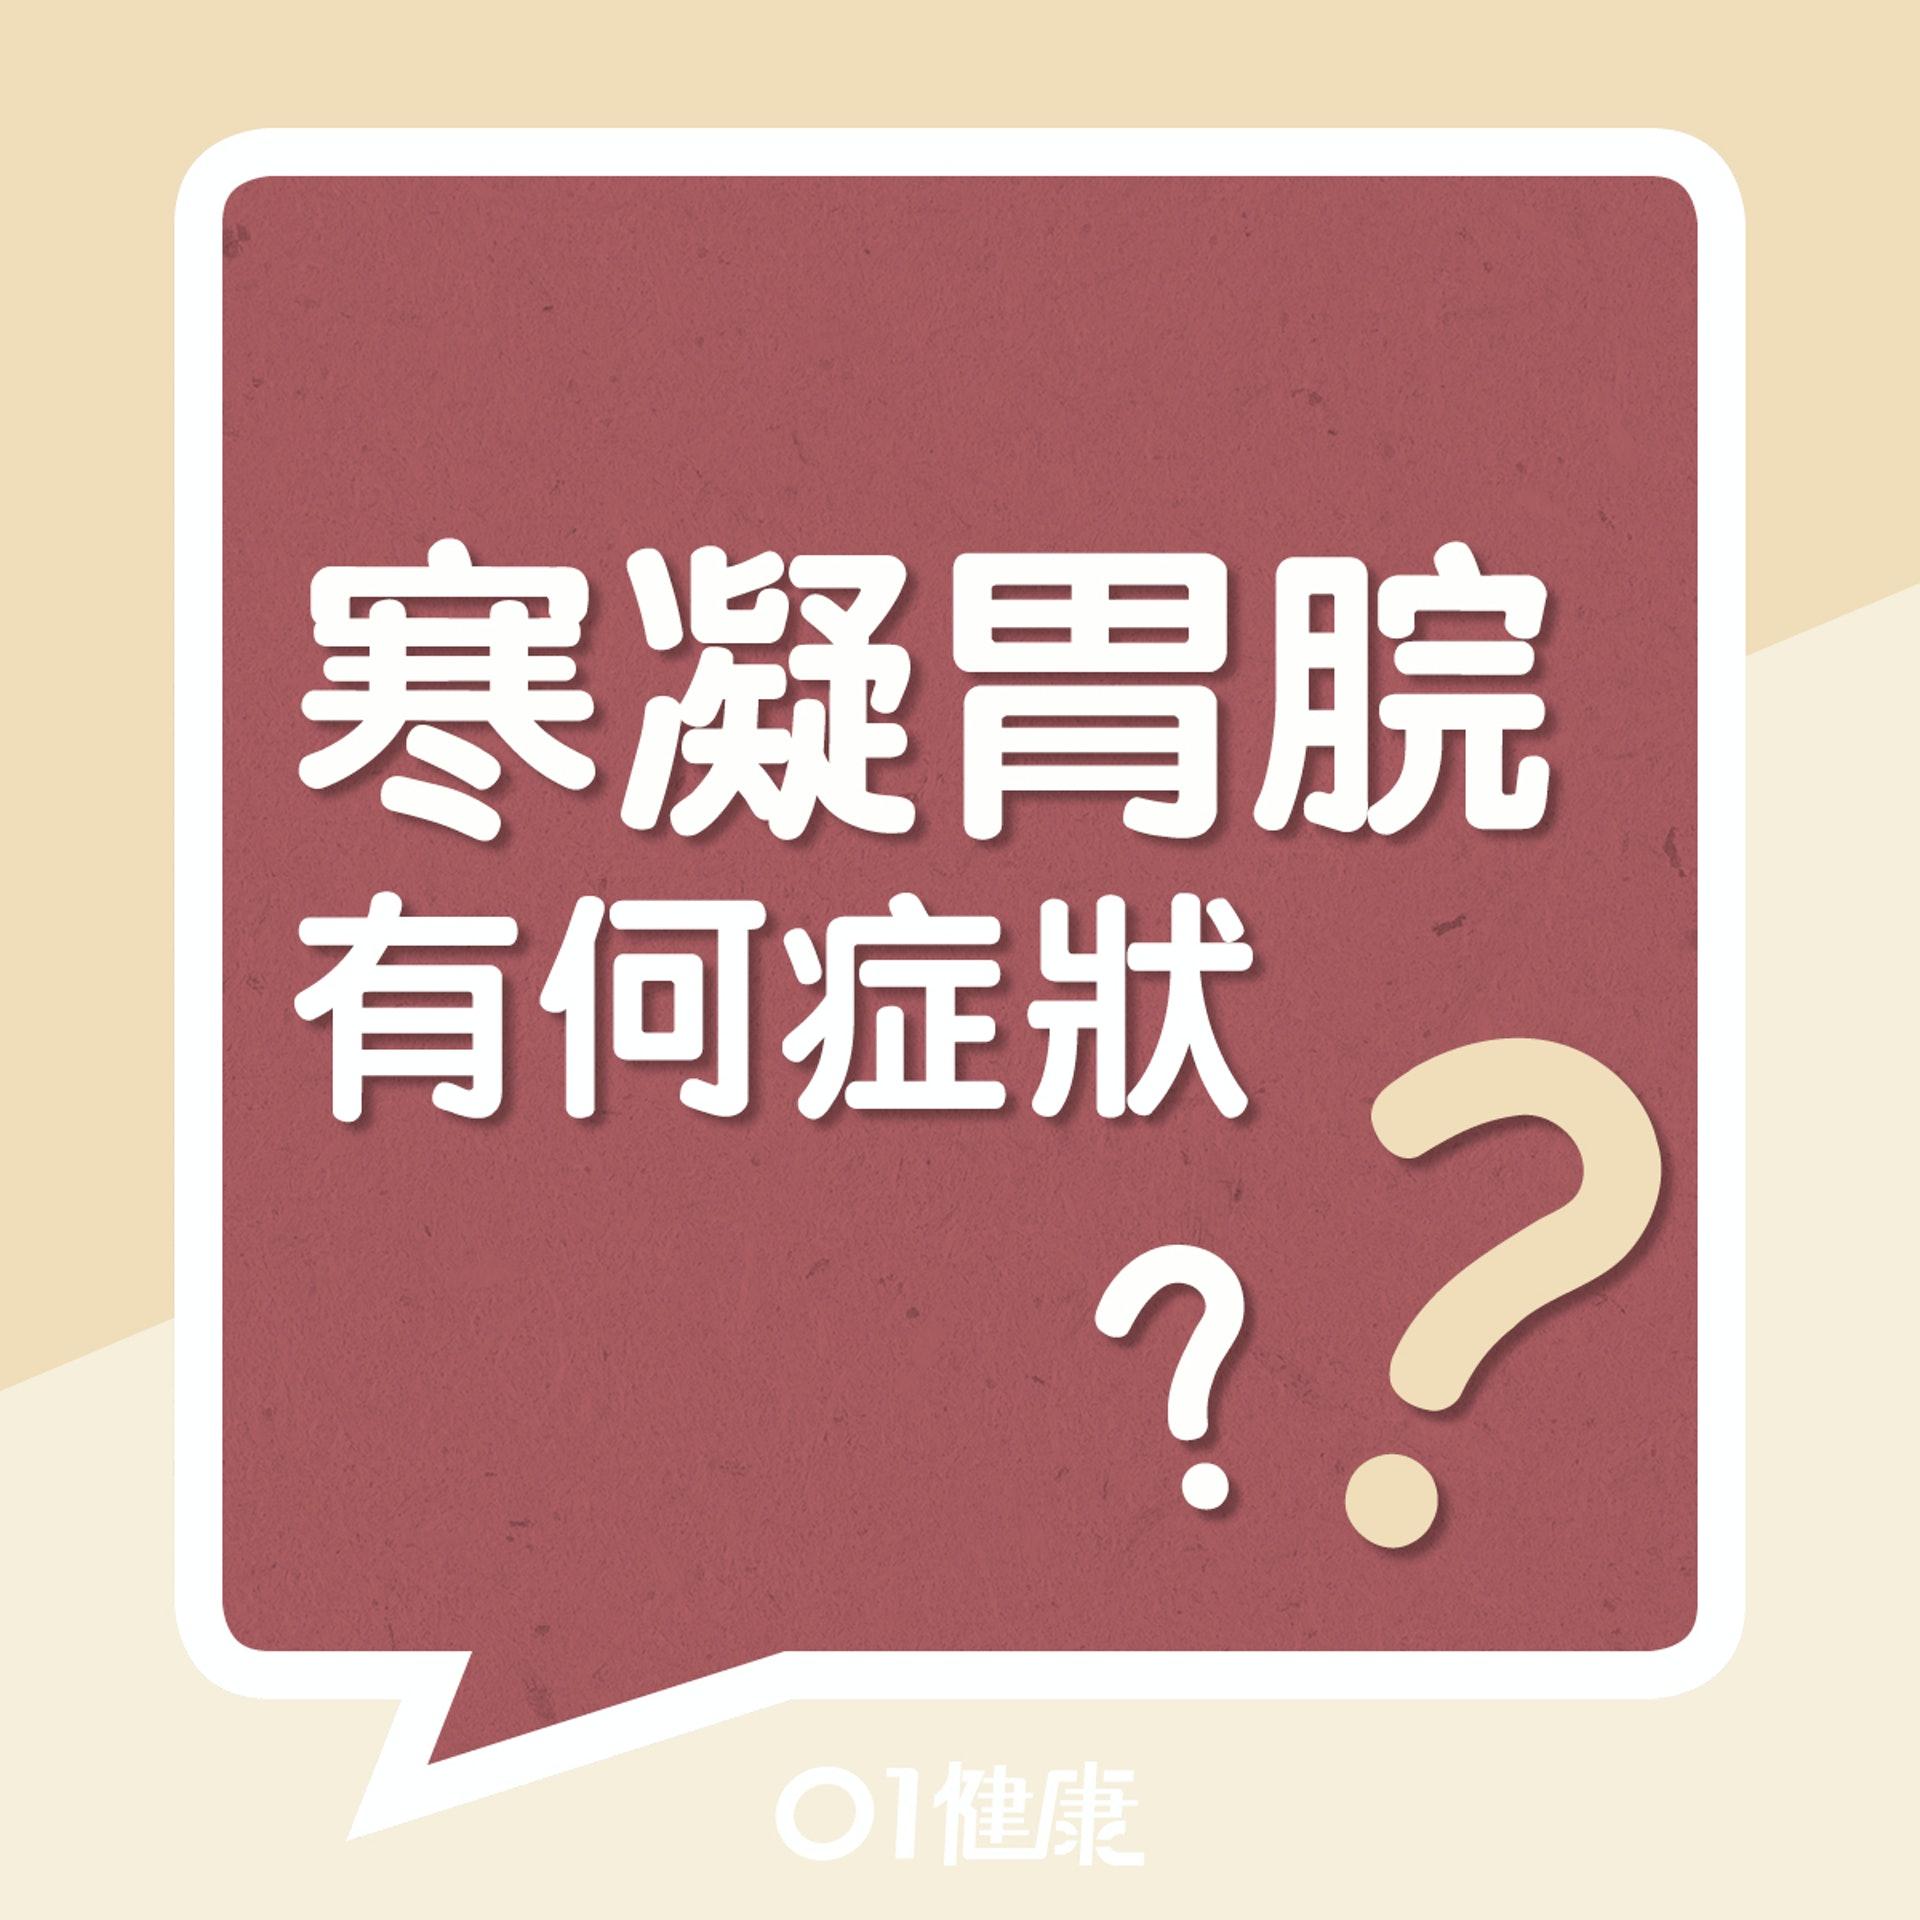 寒凝胃脘有什麼症狀?(01製圖)